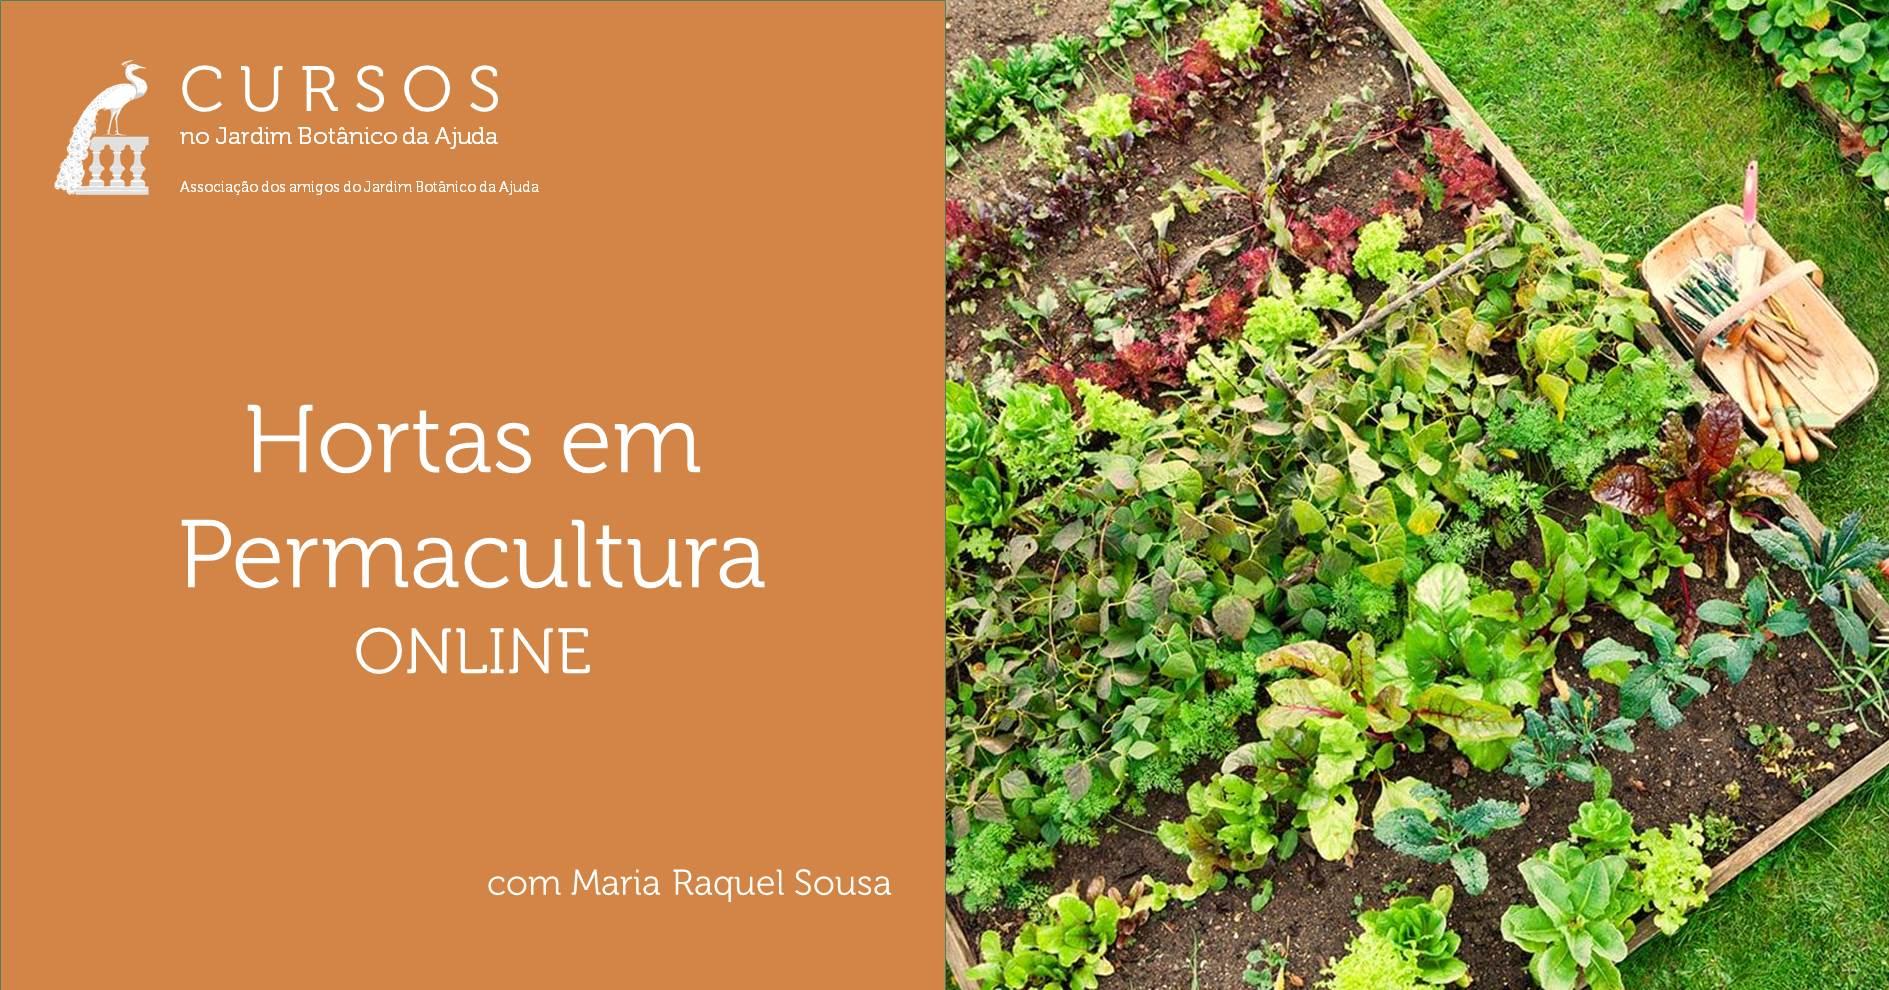 Hortas em Permacultura | ONLINE - ADIADO